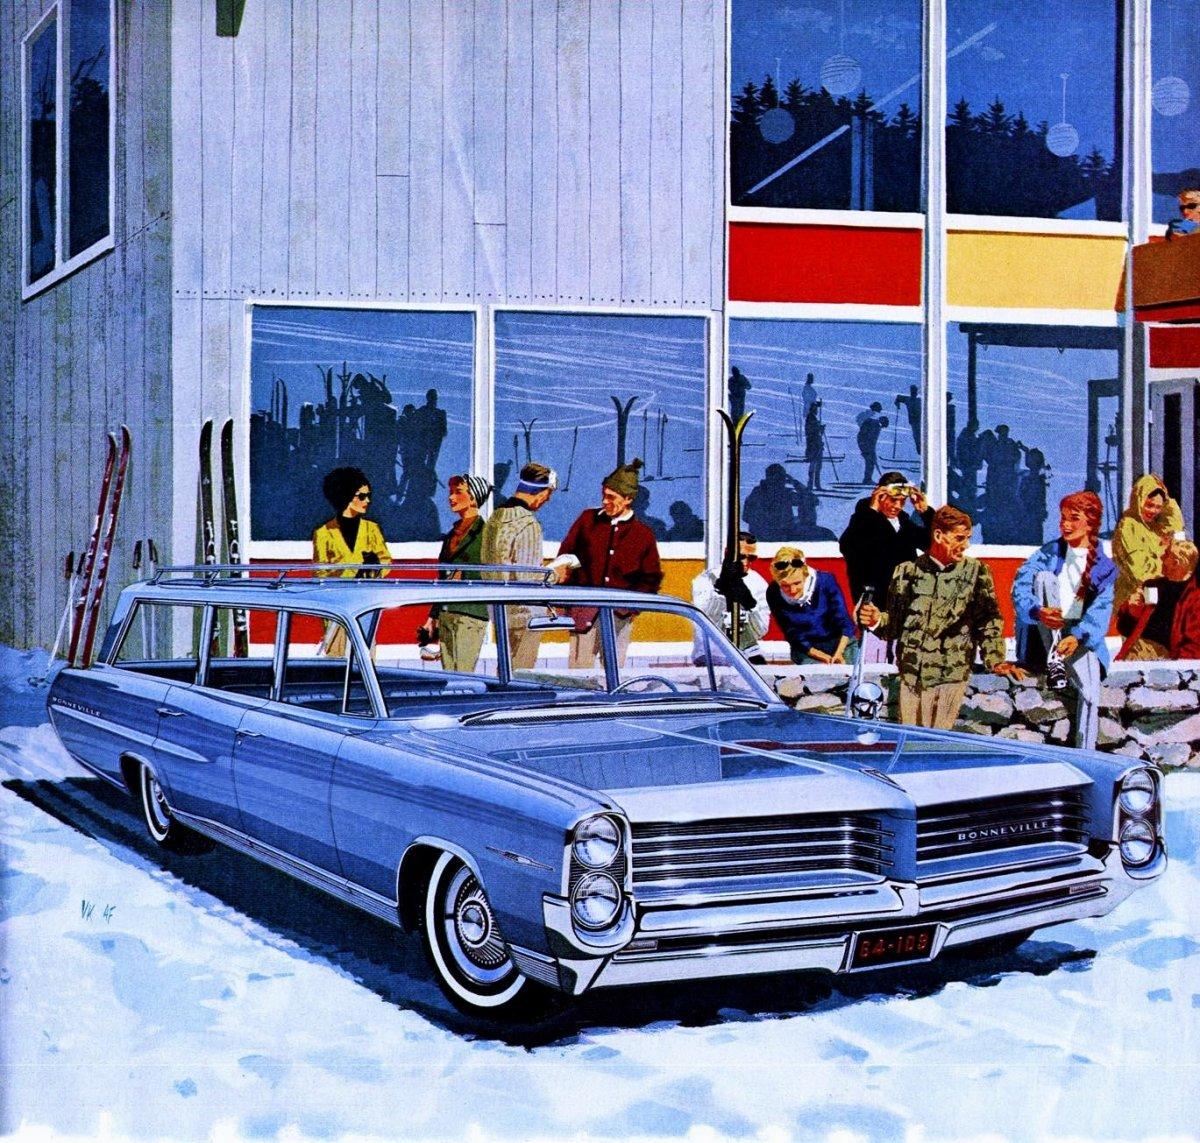 1964 Pontiac Safari.jpg